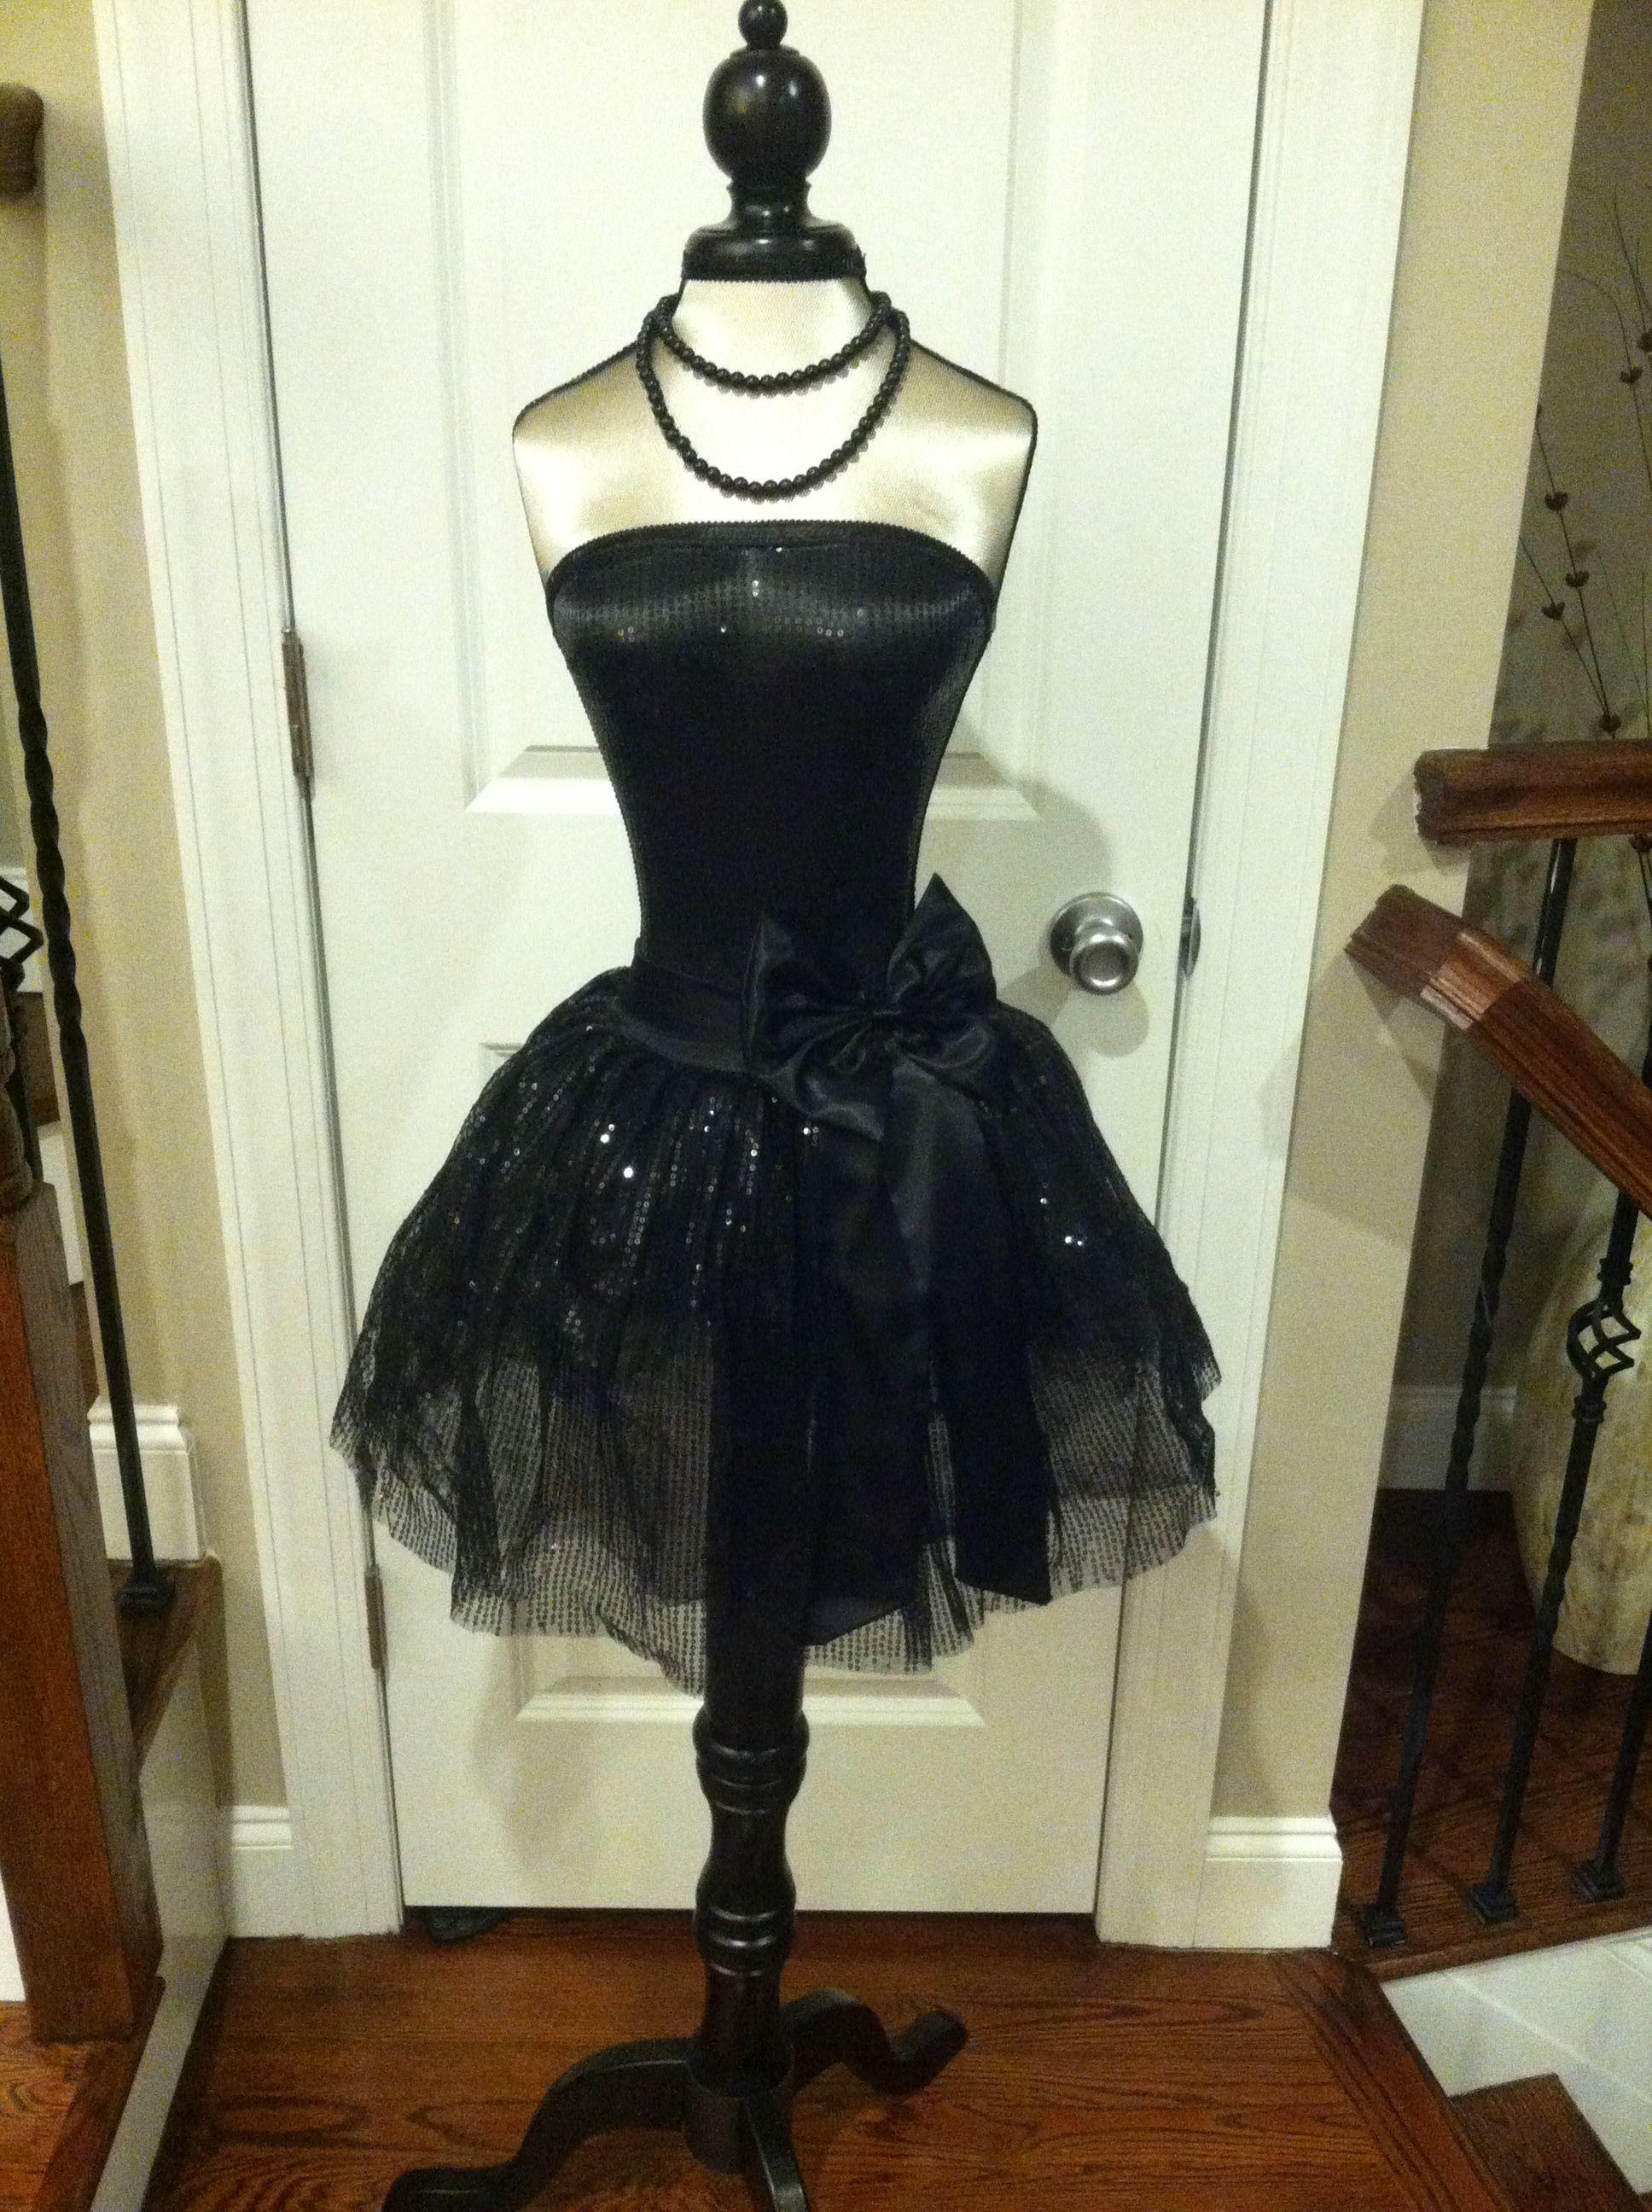 My Little Black Dress Themed Bridal Shower Mannequin From Hobby